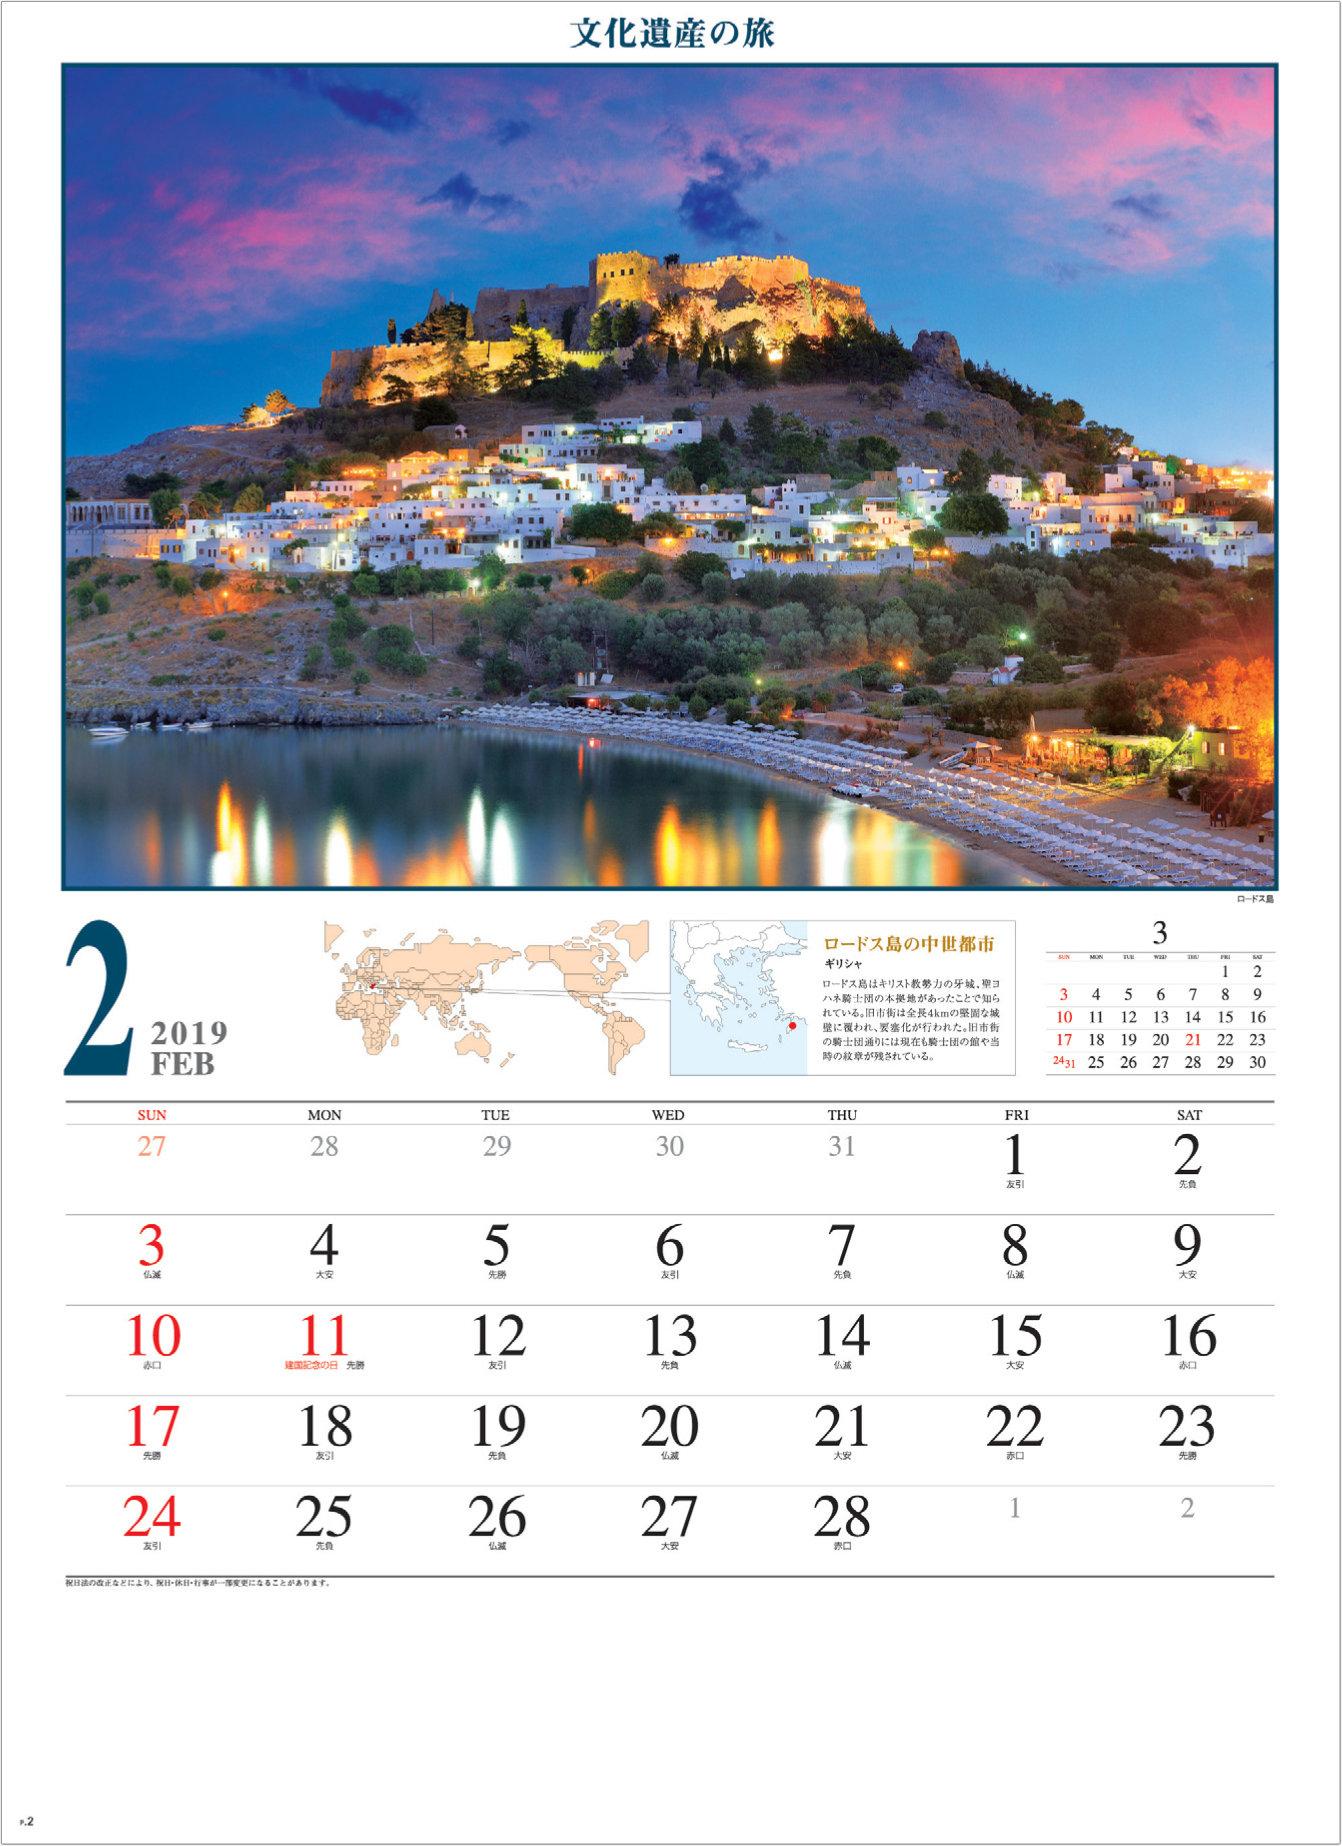 ギリシャの世界遺産 ロードス島 文化遺産の旅(ユネスコ世界遺産) 2019年カレンダーの画像